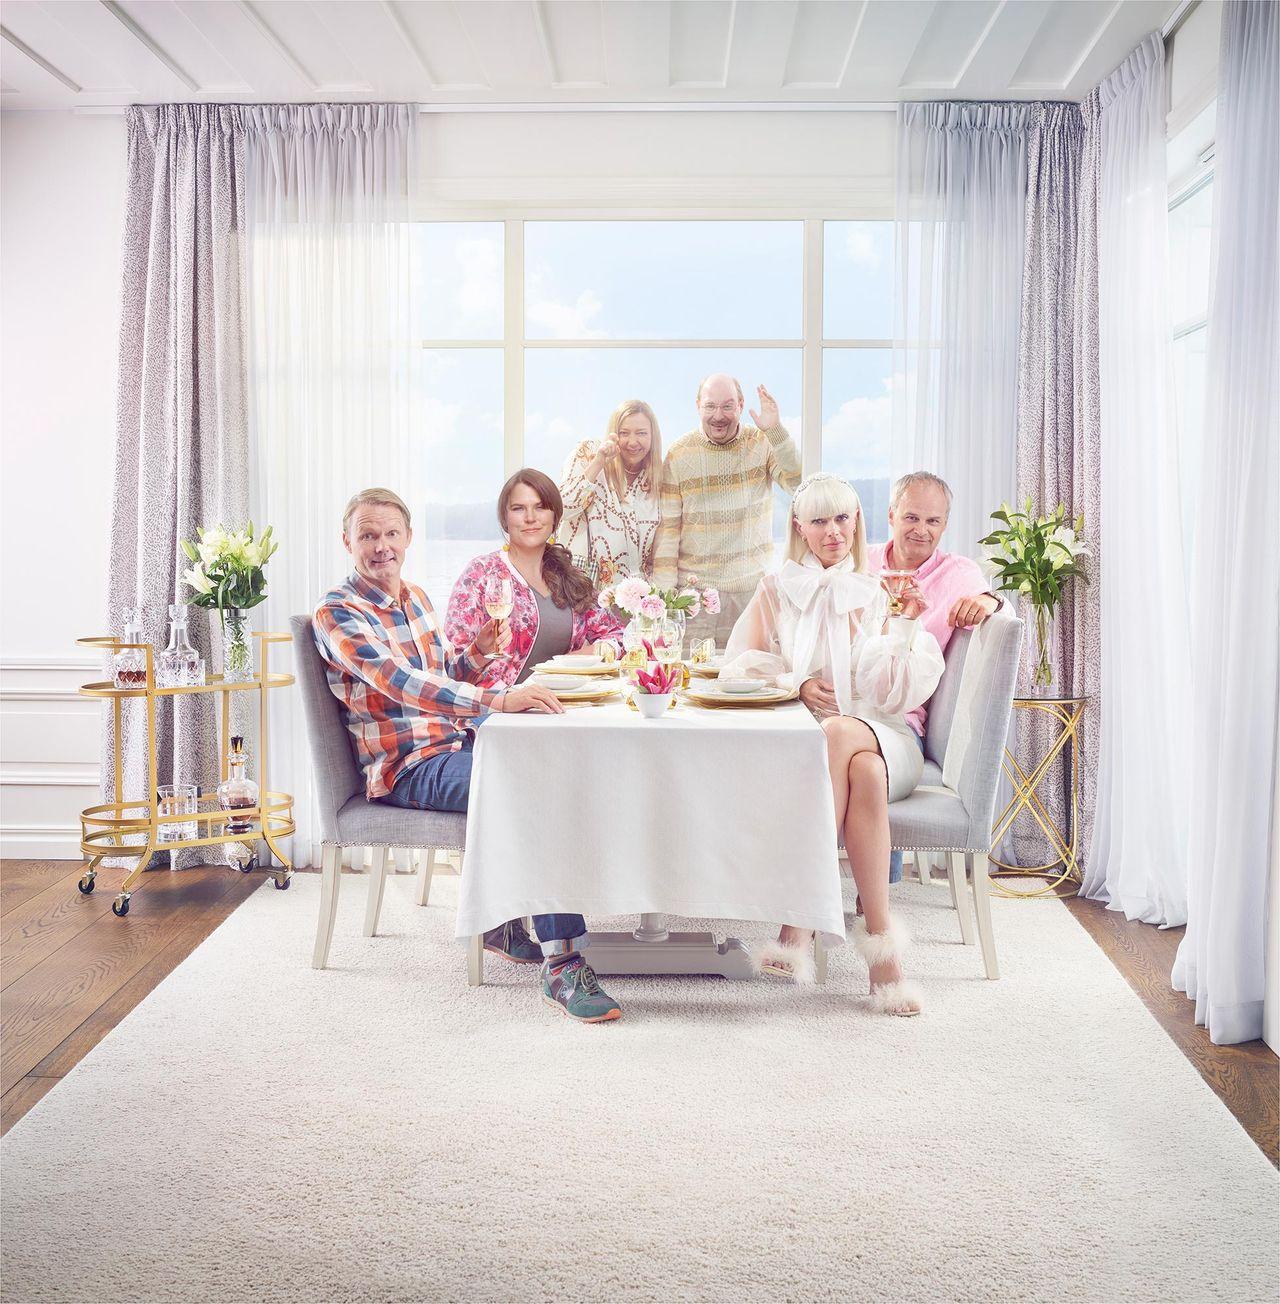 TV4 flyttar fram C Mores premiär av Solsidan